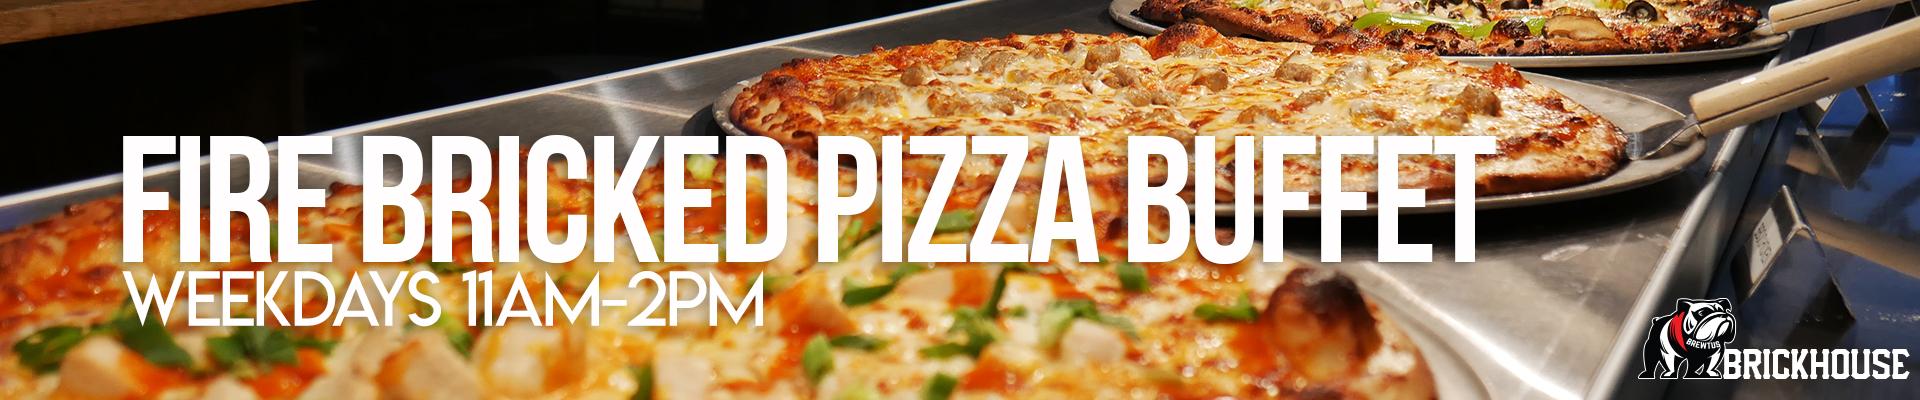 BANNER-PizzaBuffet_1920x400.jpg